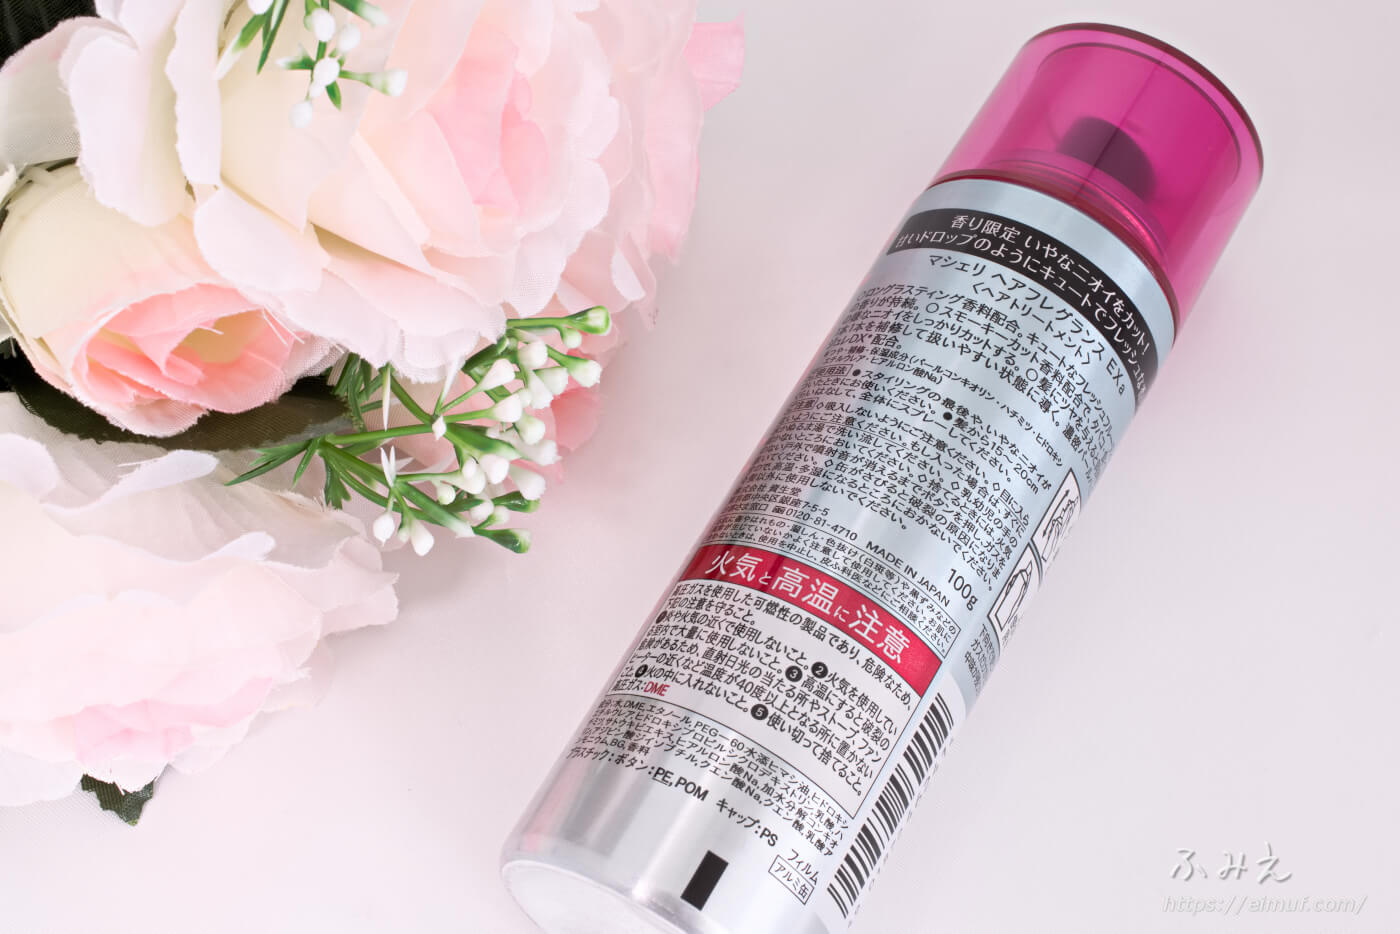 マシェリ ヘアフレグランスEX(フルーティードロップの香り) 本体ボトル裏面